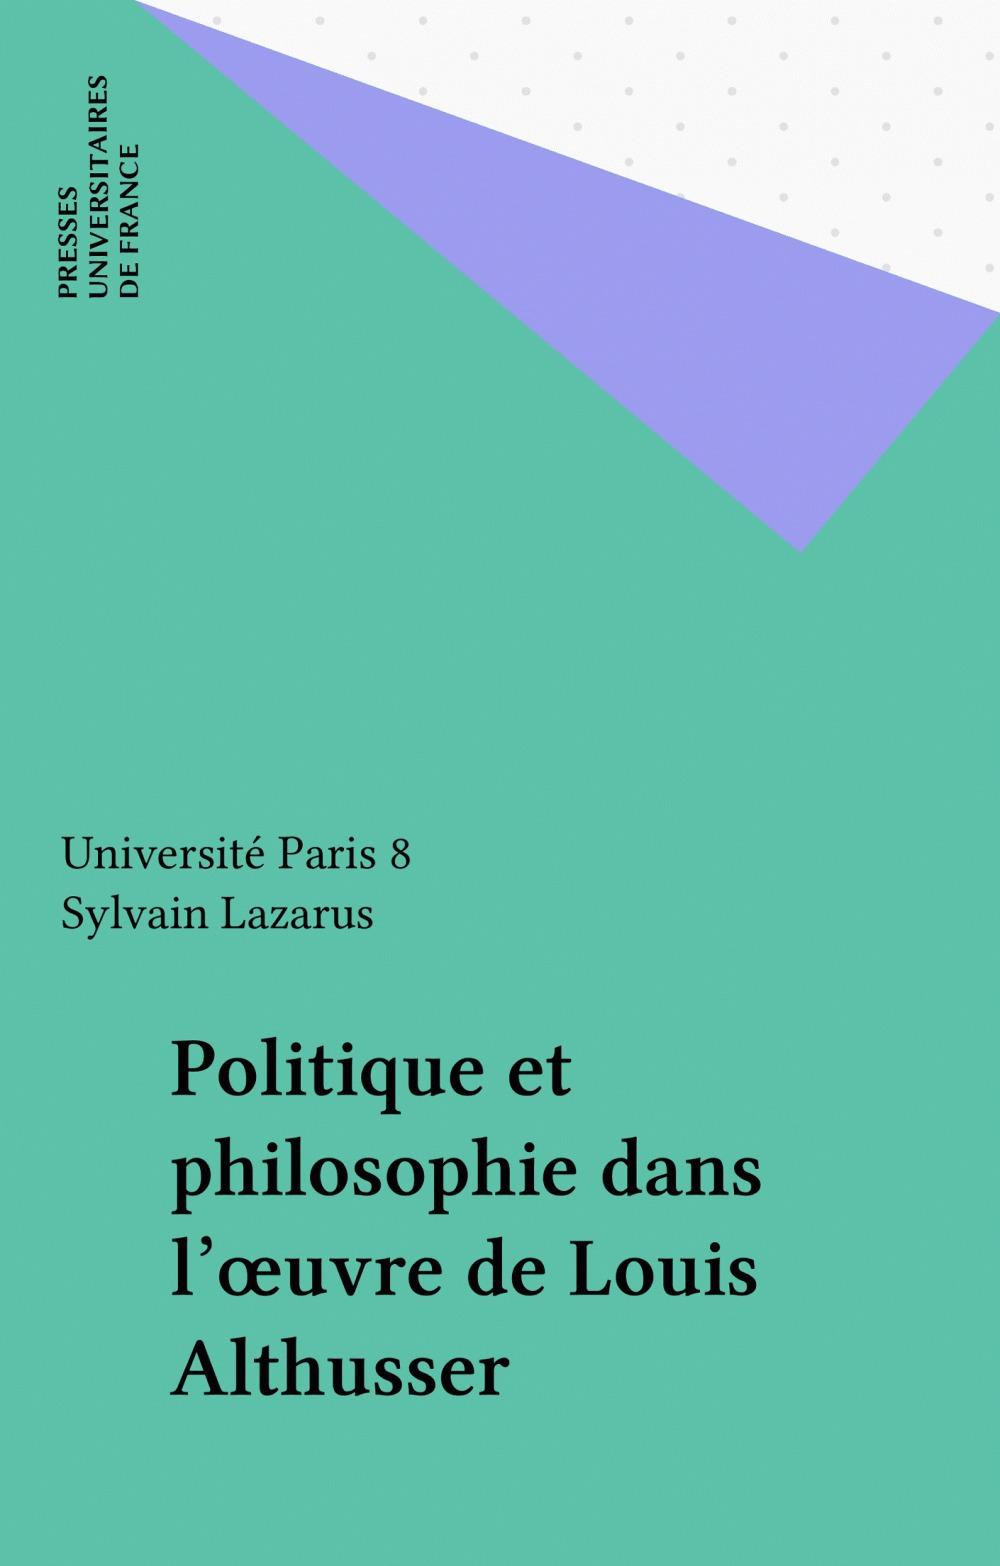 Politique et philosophie dans l'oeuvre de louis althusser